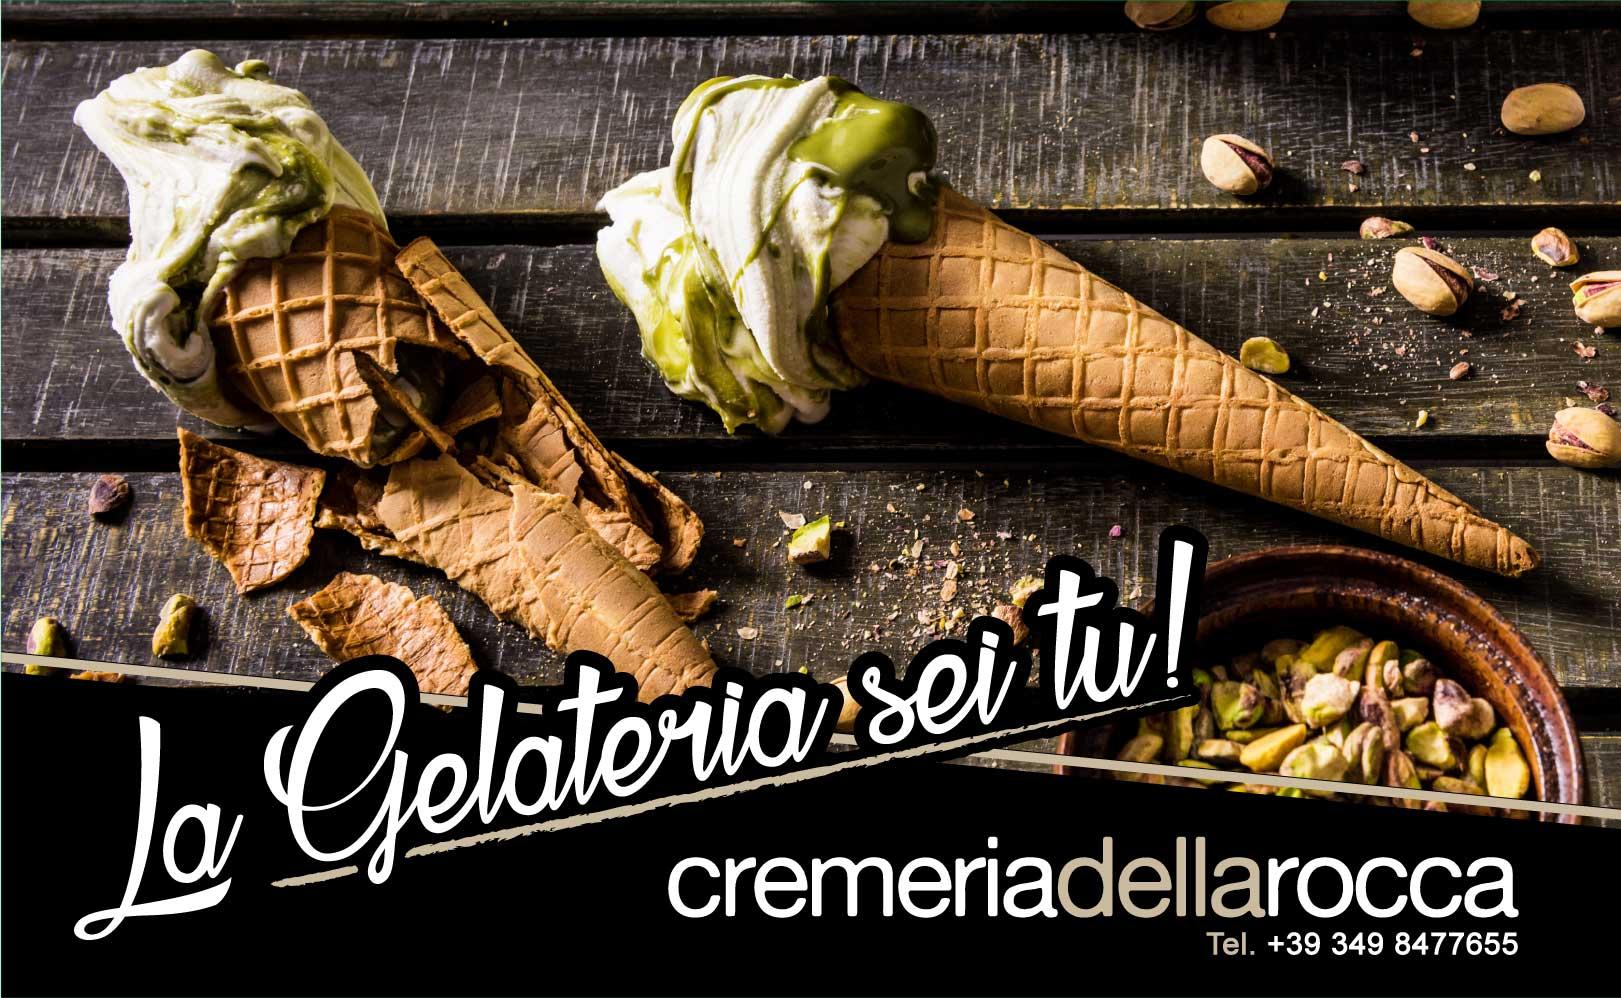 GELATO-COOLBOX_cremeria-della-rocca